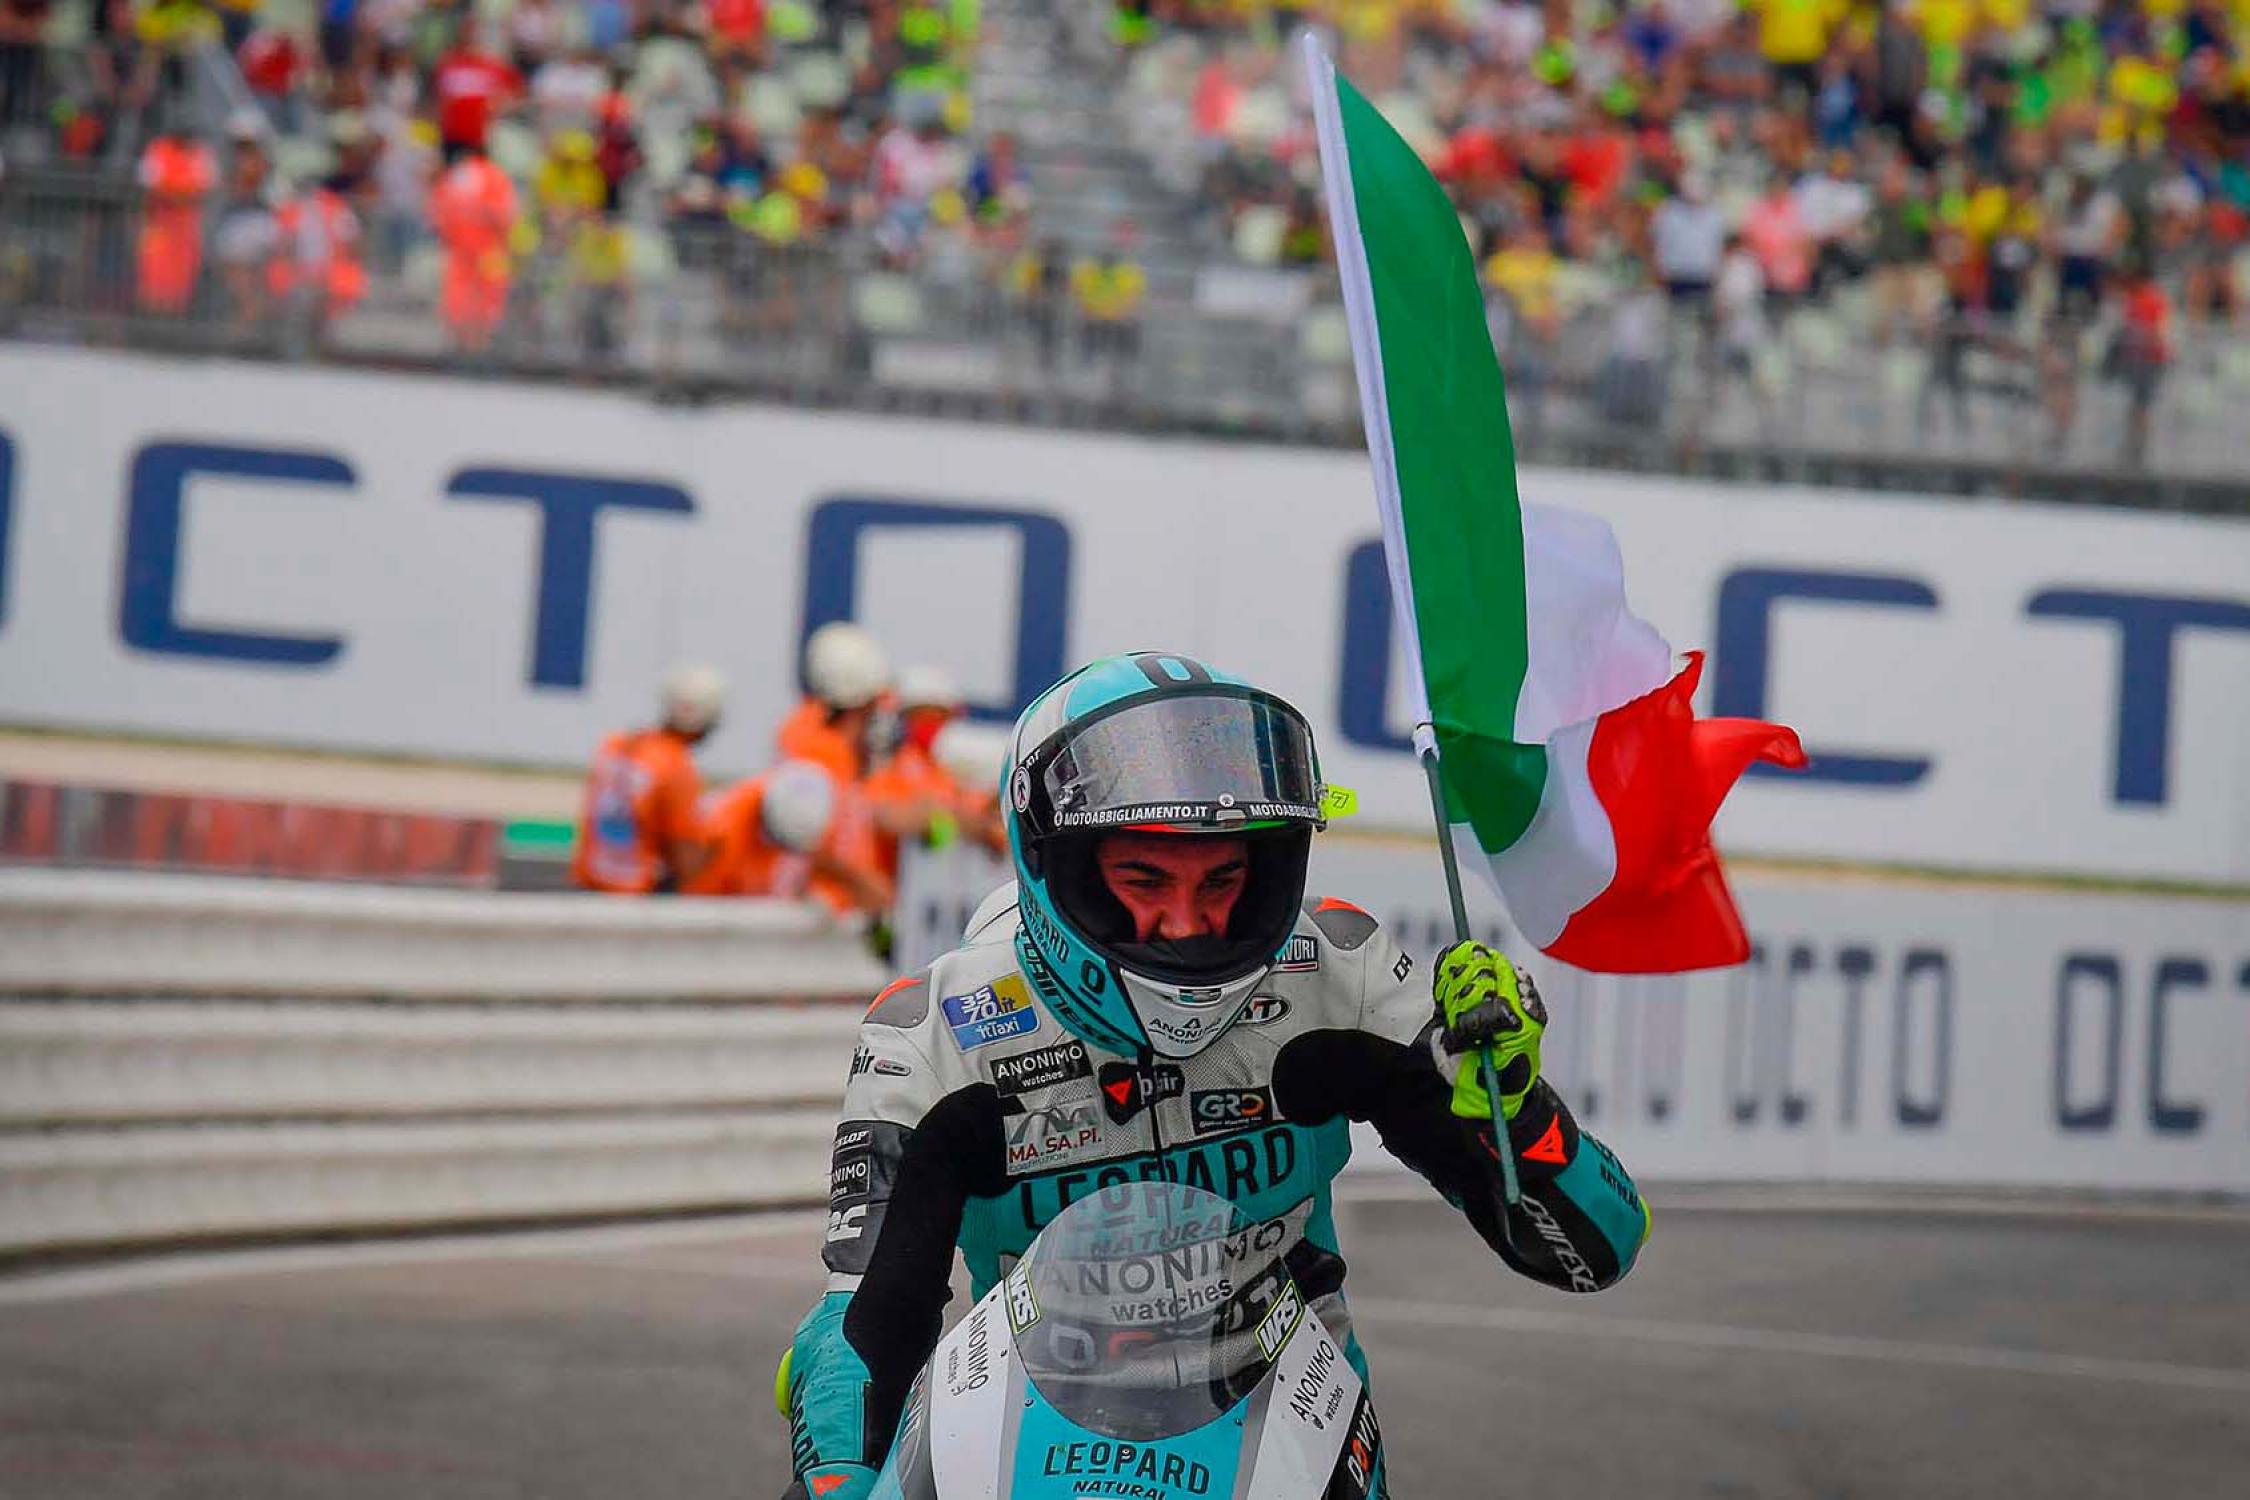 """Featured image for """"Moto 3: Dennis Foggia Wins the San Marino Grand Prix"""""""